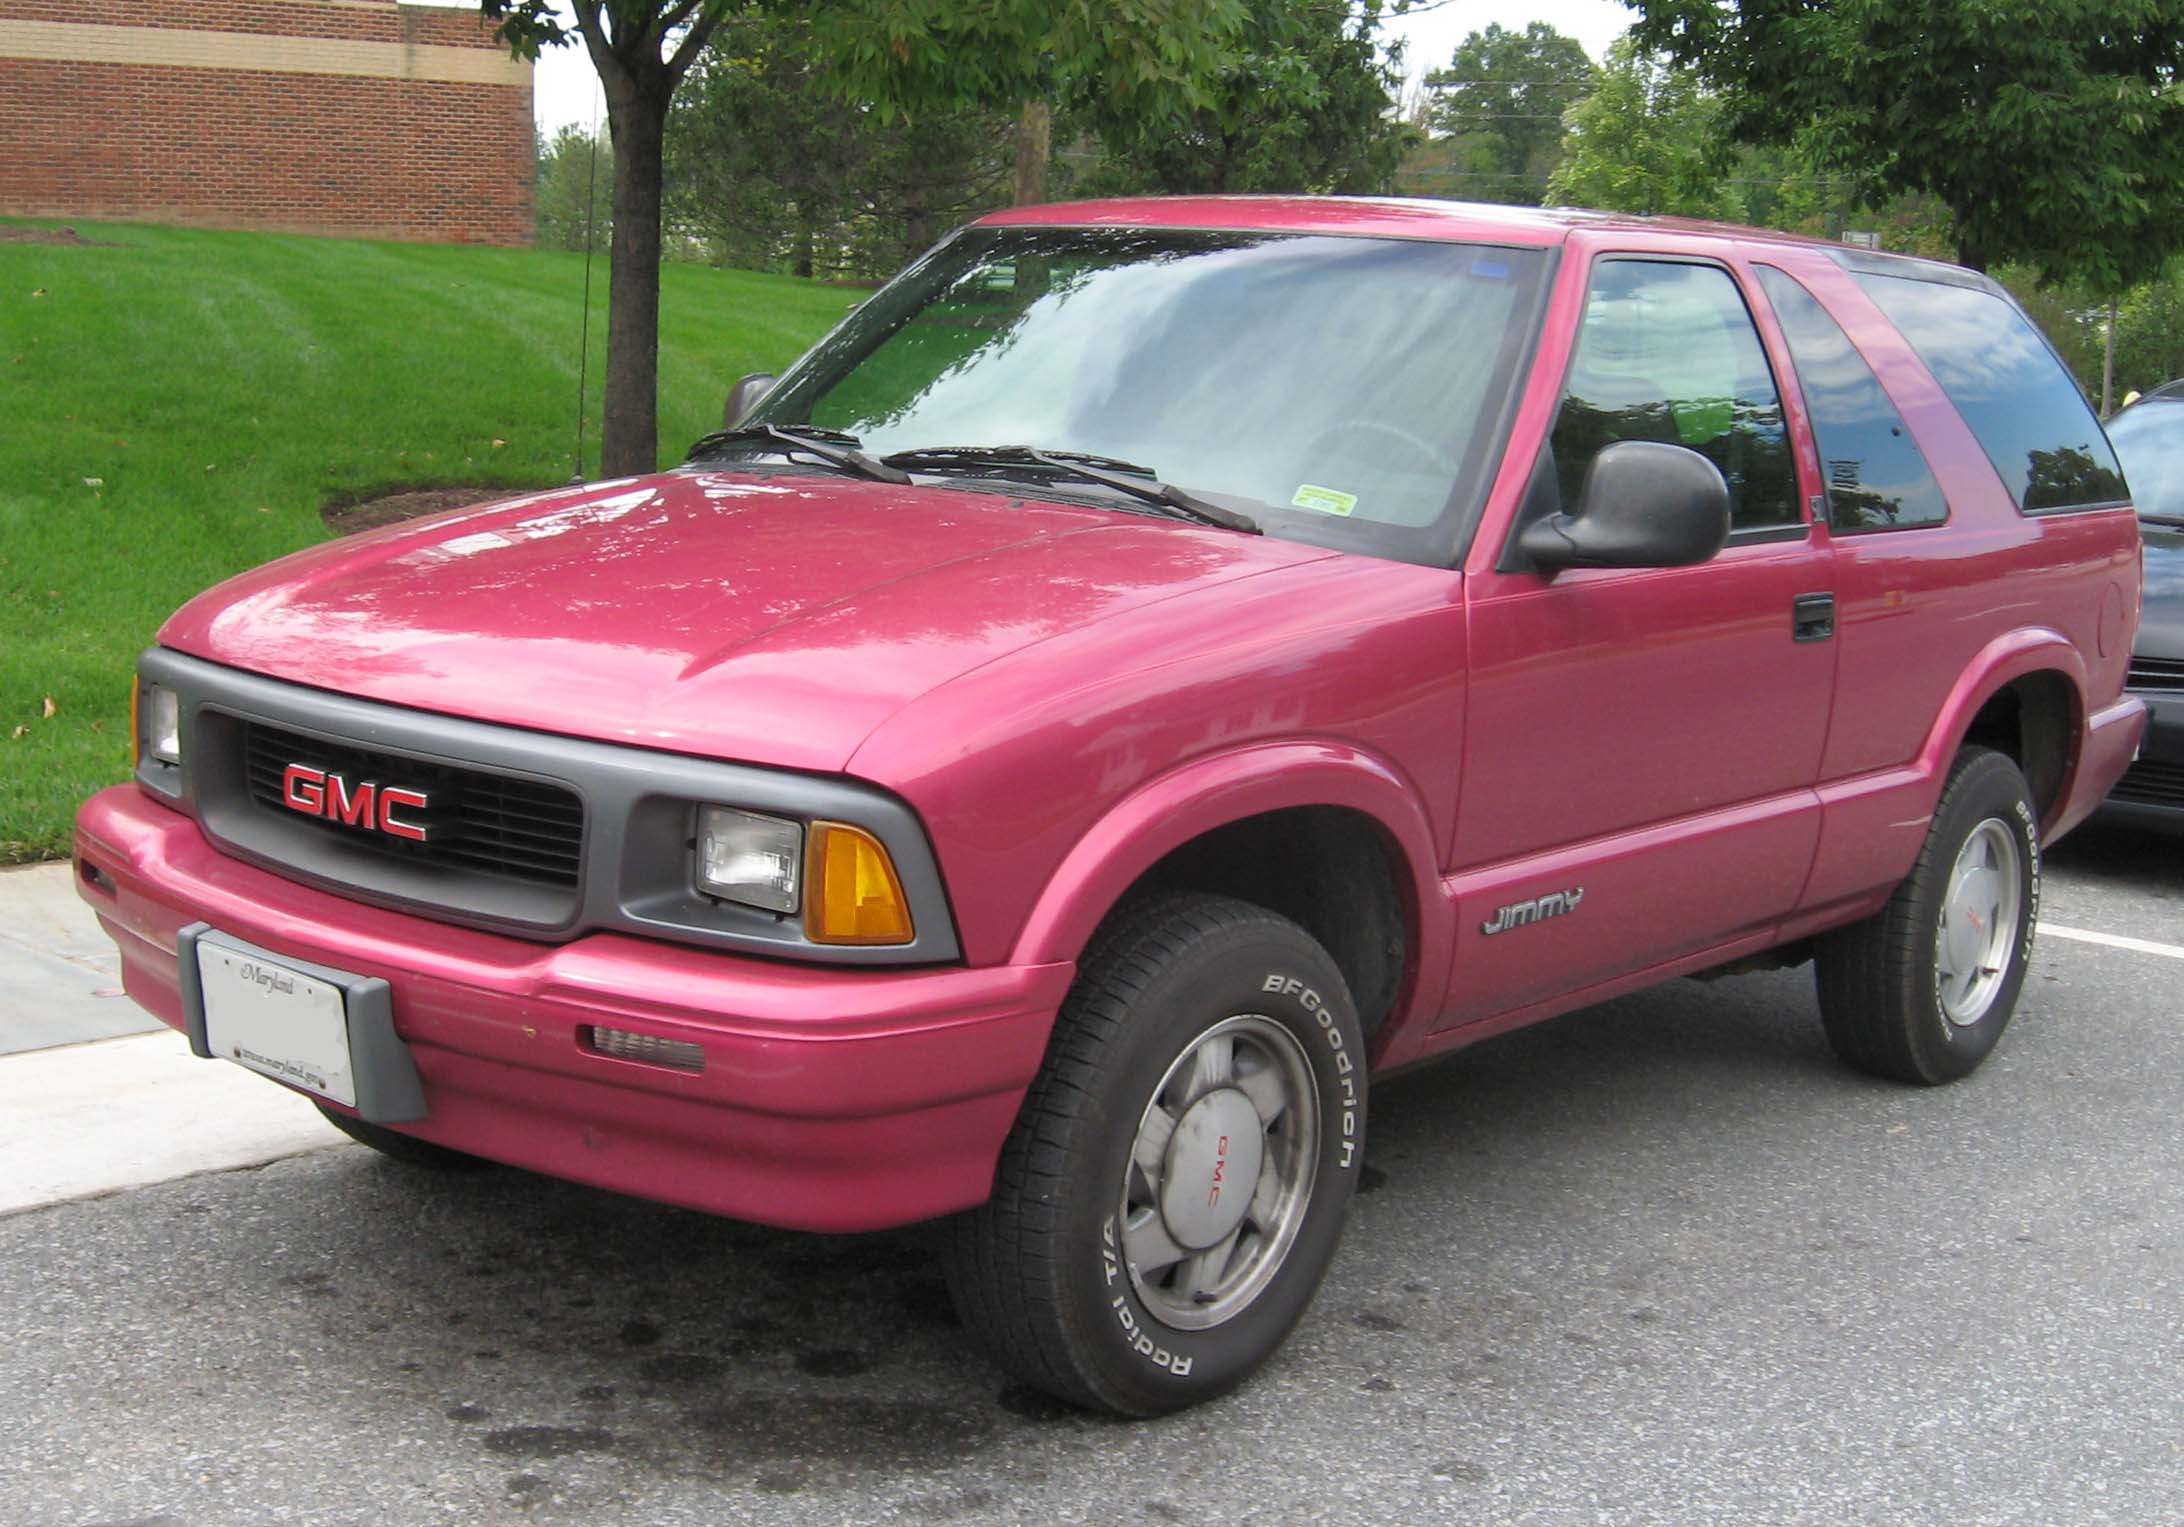 GMC Jimmy 1991 - 2005 SUV 5 door #6 & GMC Jimmy 1991 - 2005 SUV 5 door :: OUTSTANDING CARS